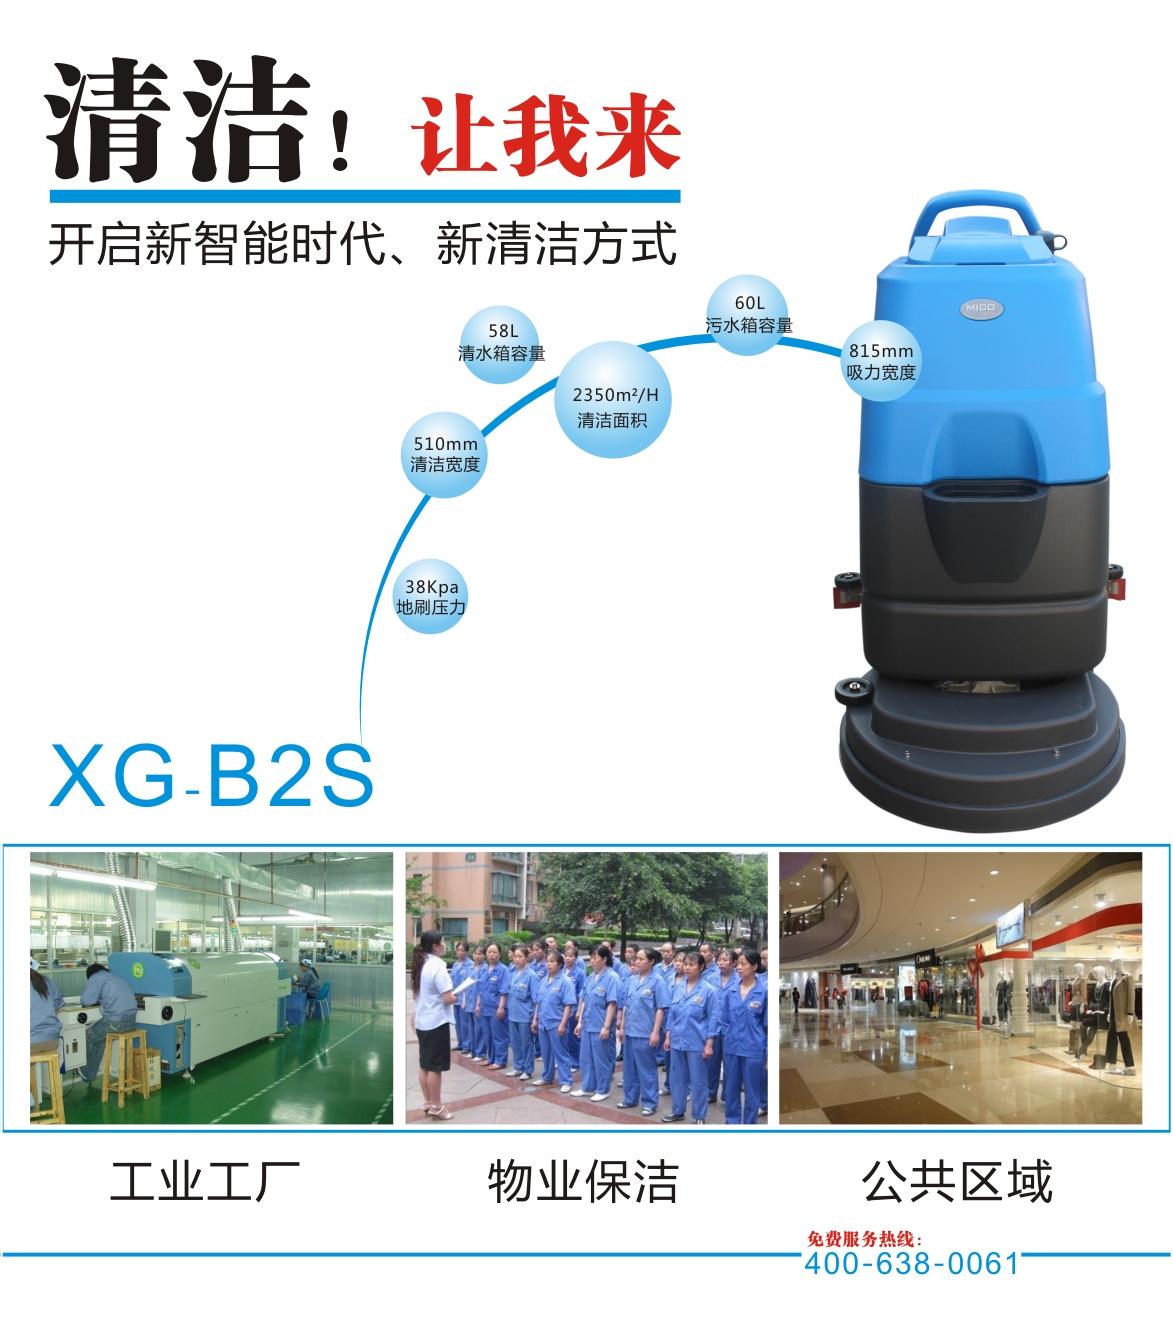 XG-B2S-2.jpg